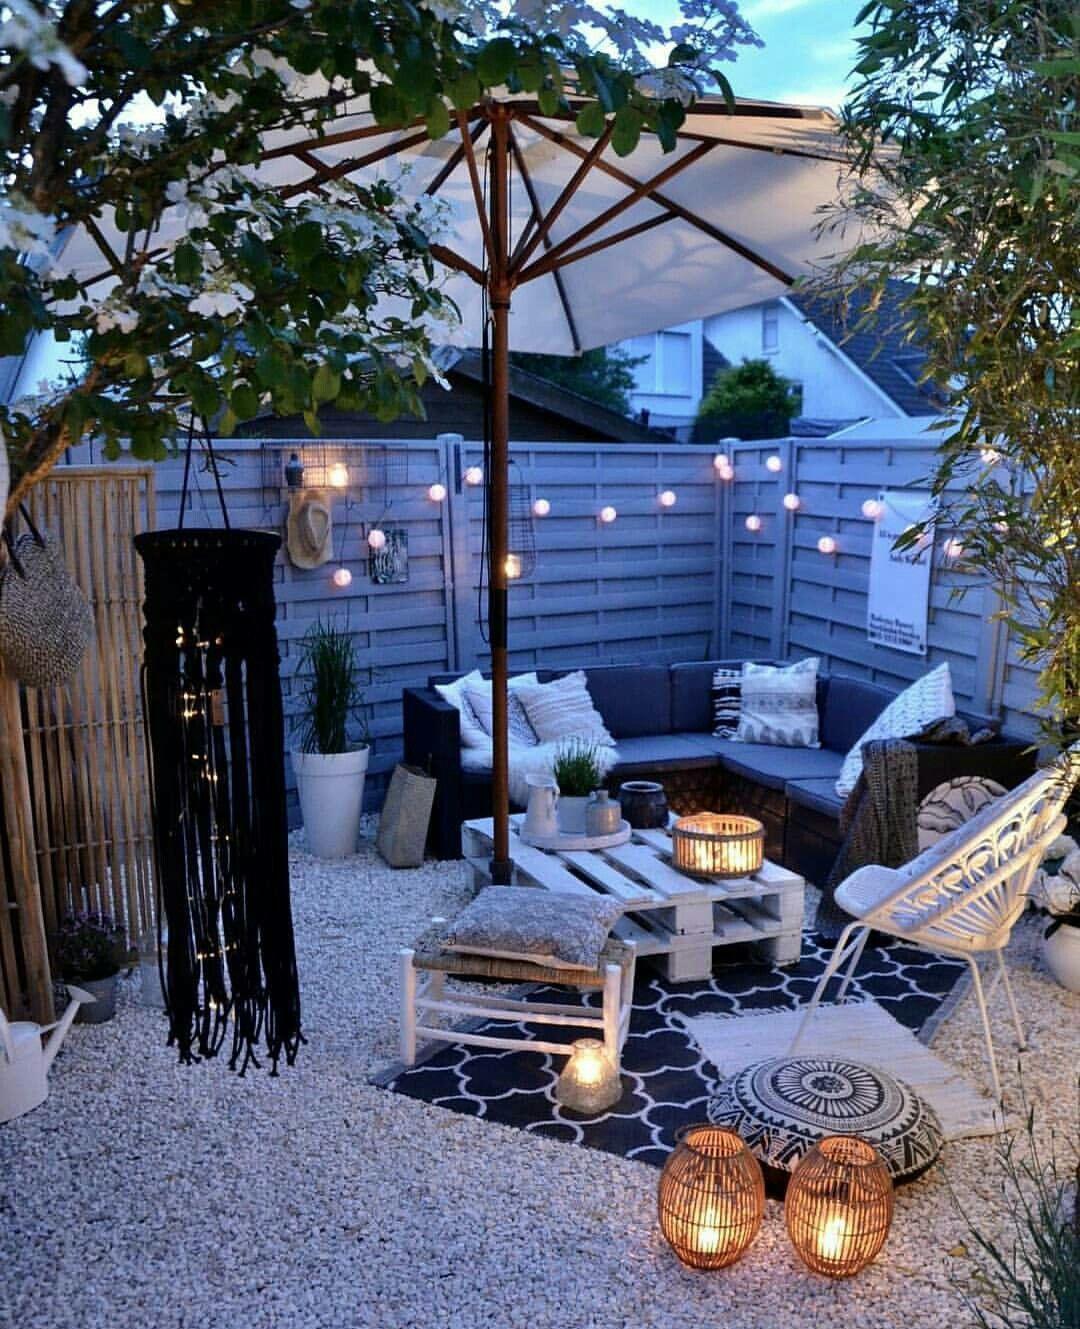 Salon De Jardin Exterieur Design - Yaser.vtngcf.org serapportantà Brico Depot Salon De Jardin